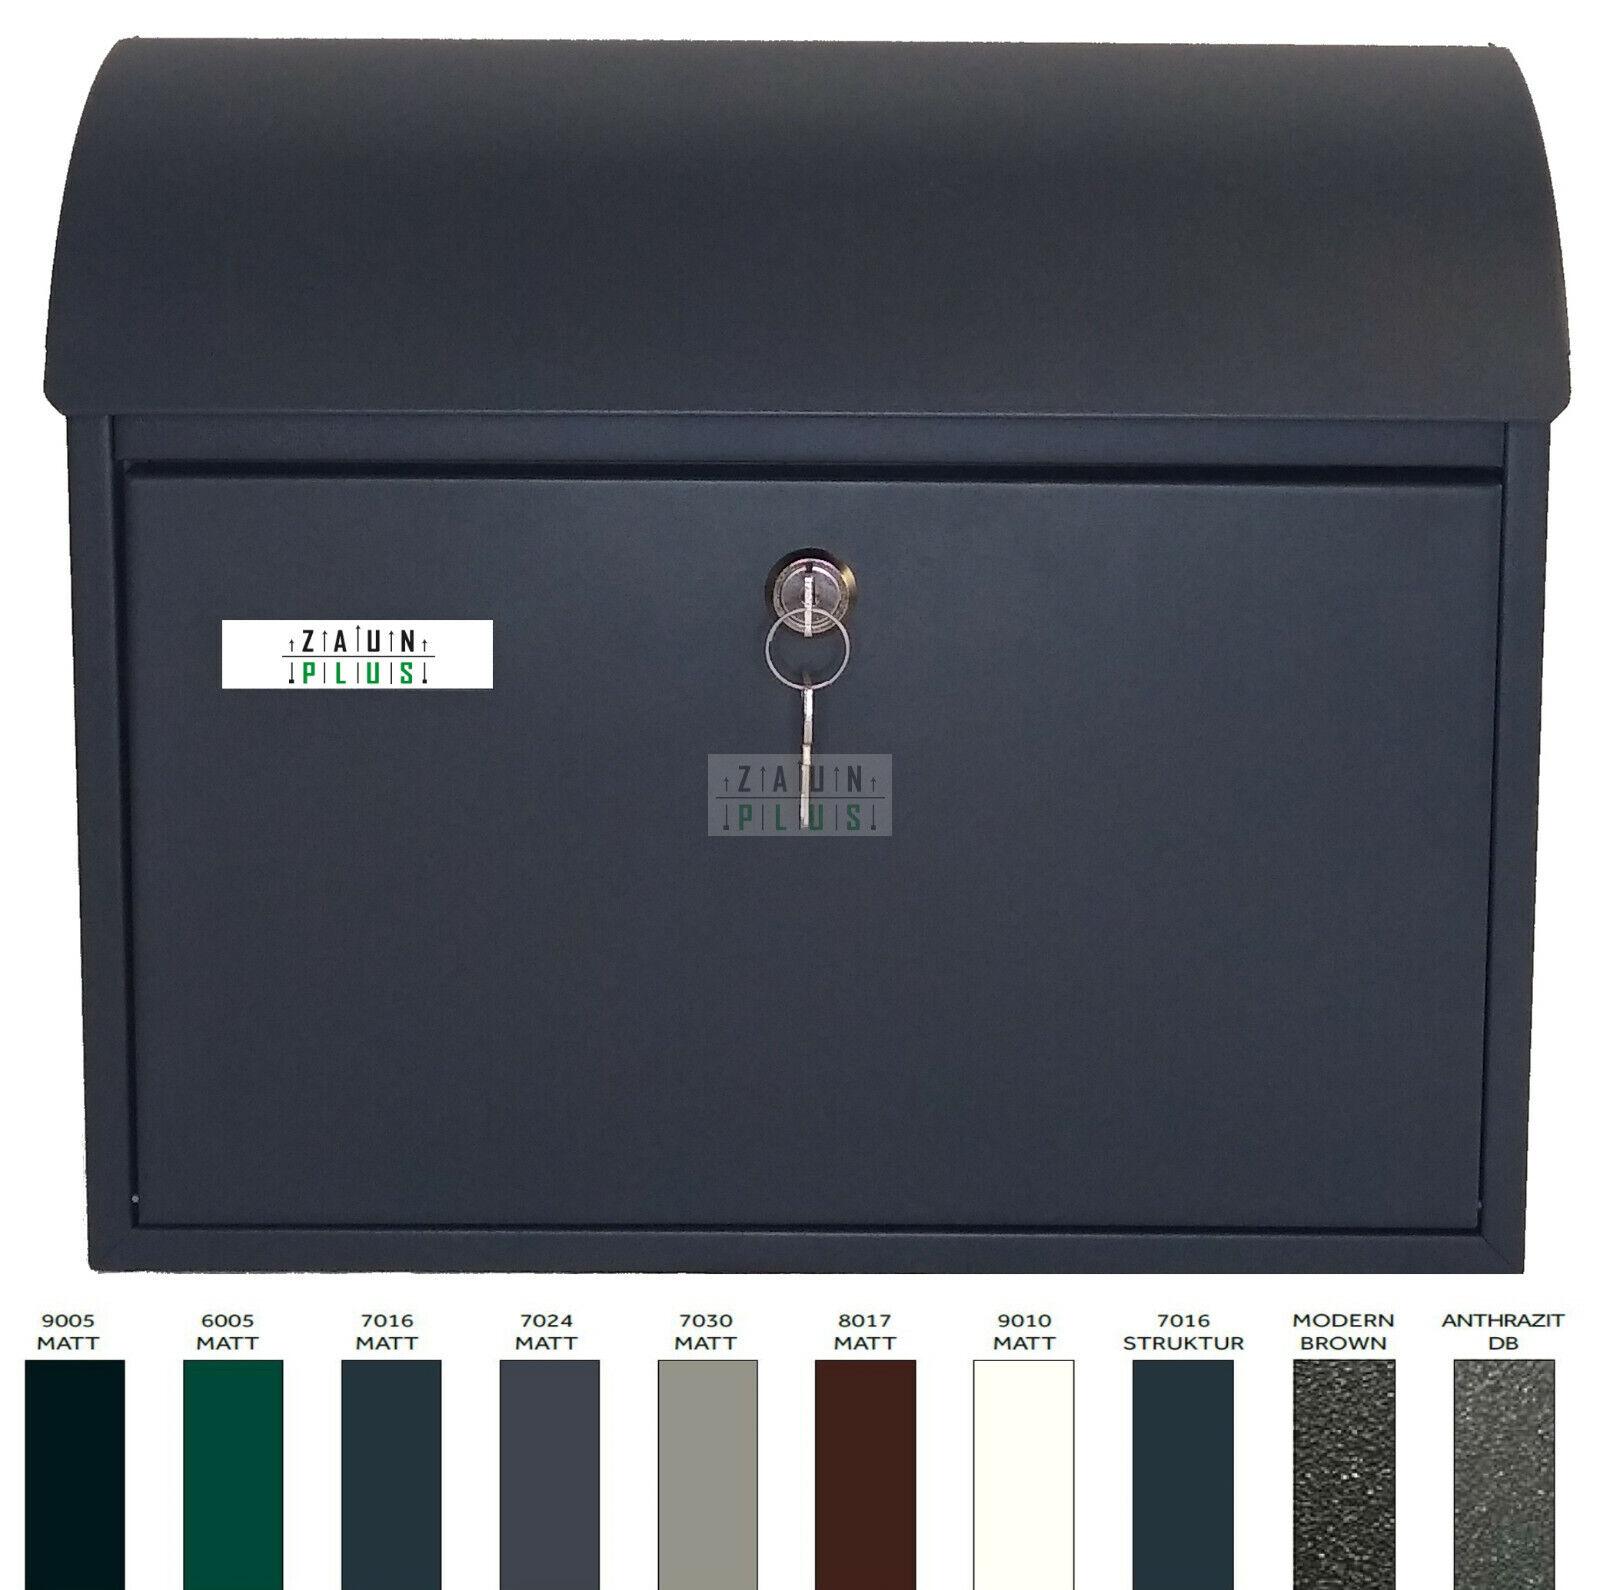 PREMIUM Briefkasten 40x33x12cm viele Farben Wand-// Zaunmontage Metall Postkasten